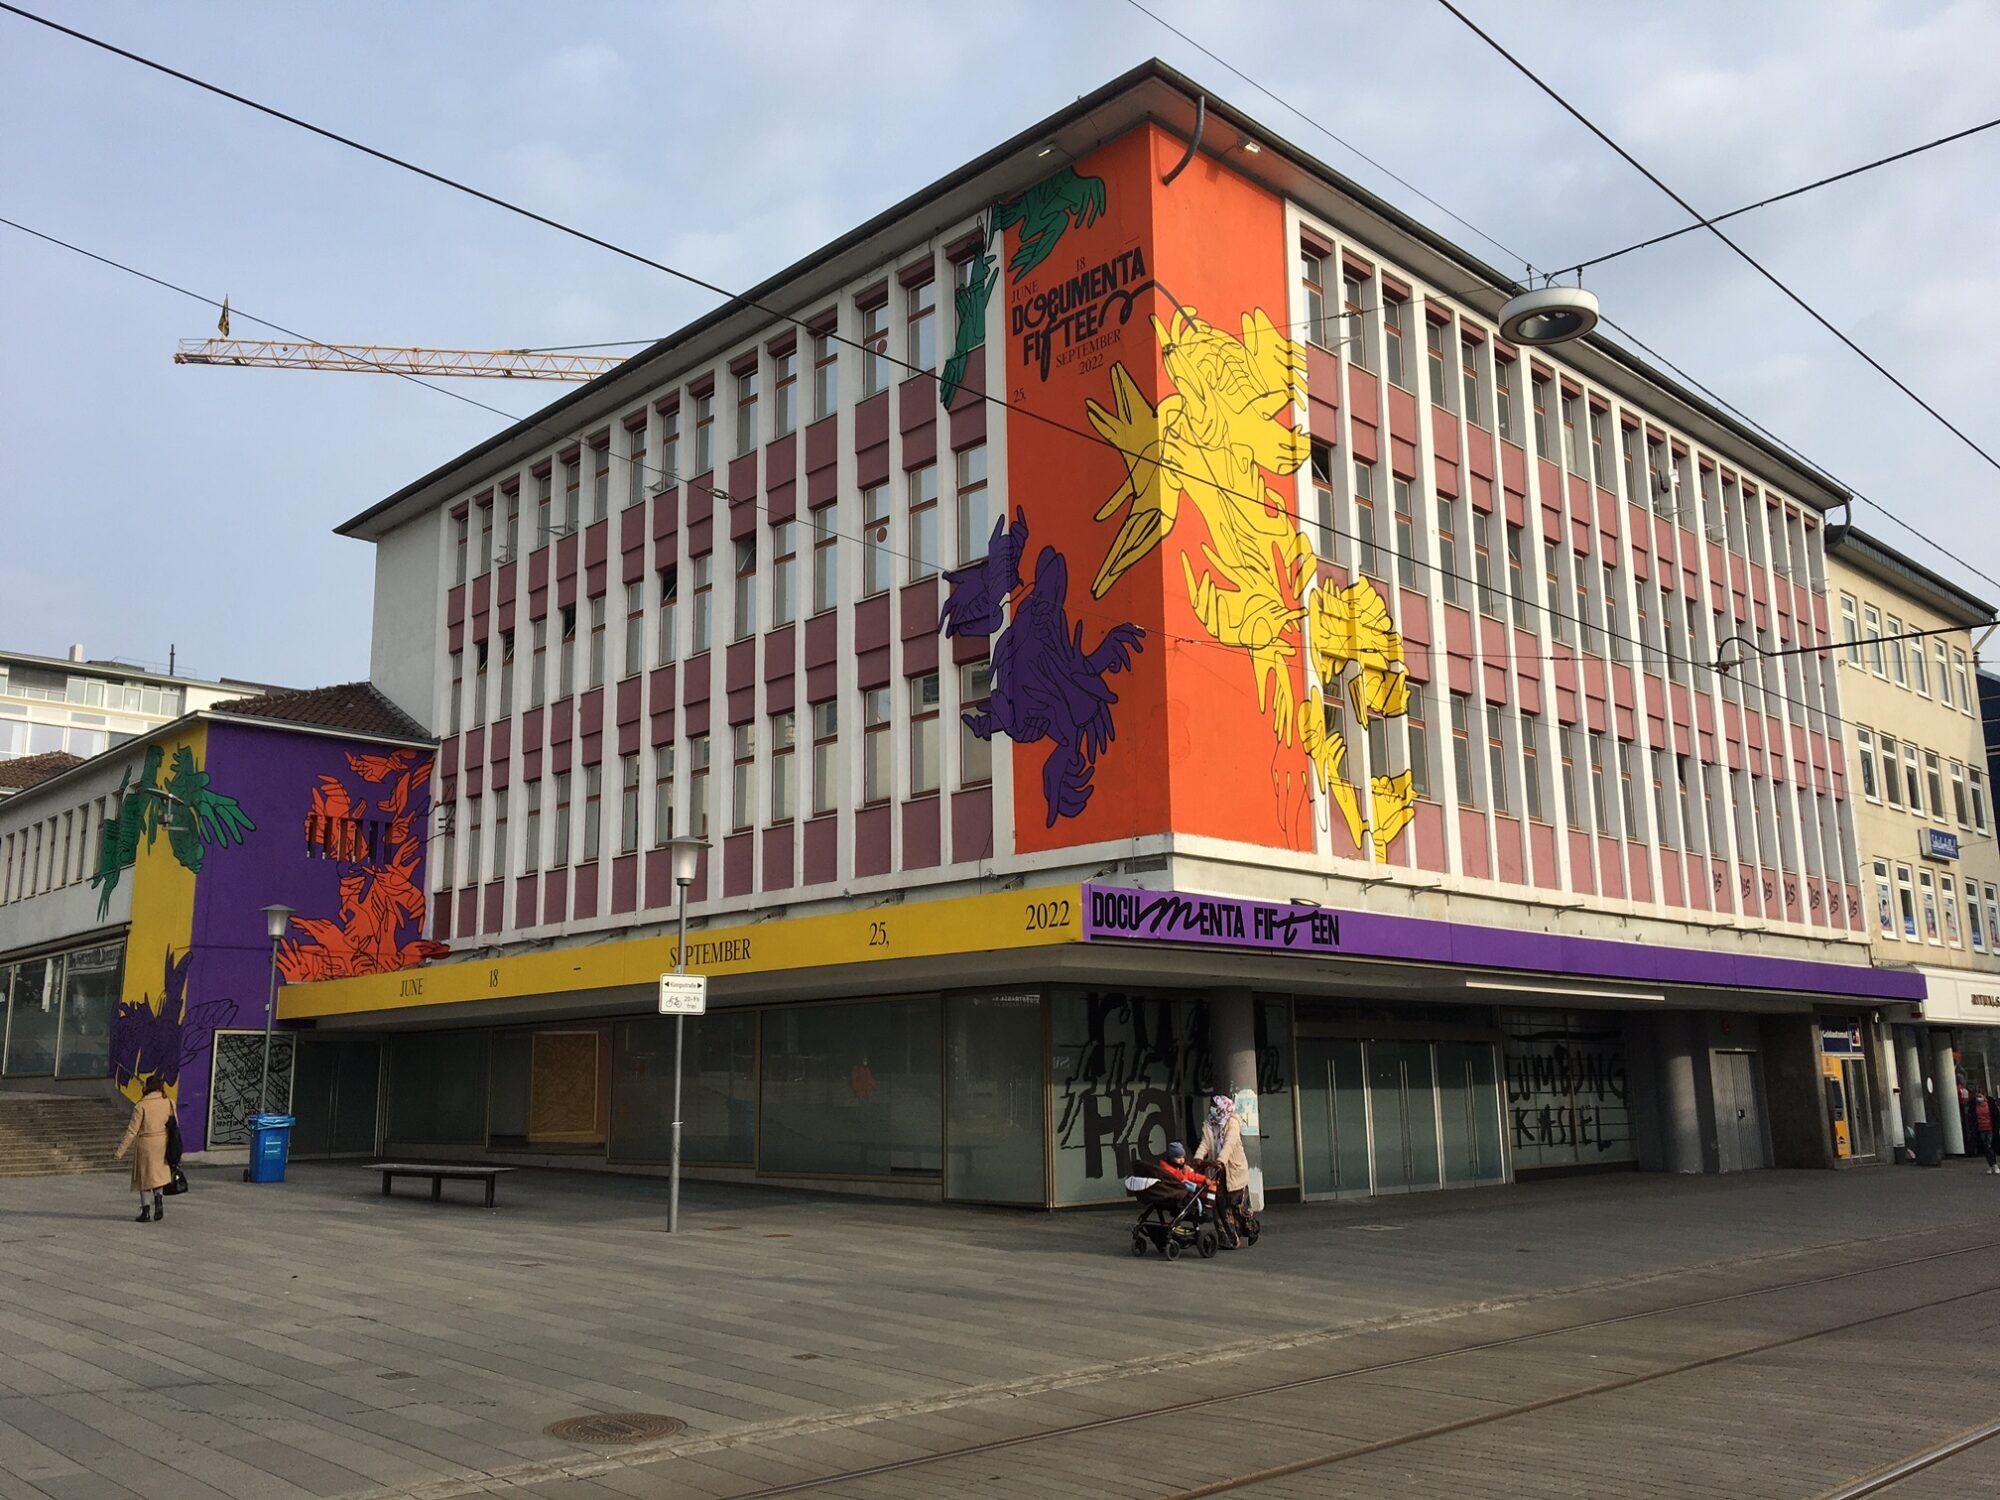 Ruruhaus März 2021. Foto: Christian Saehrendt